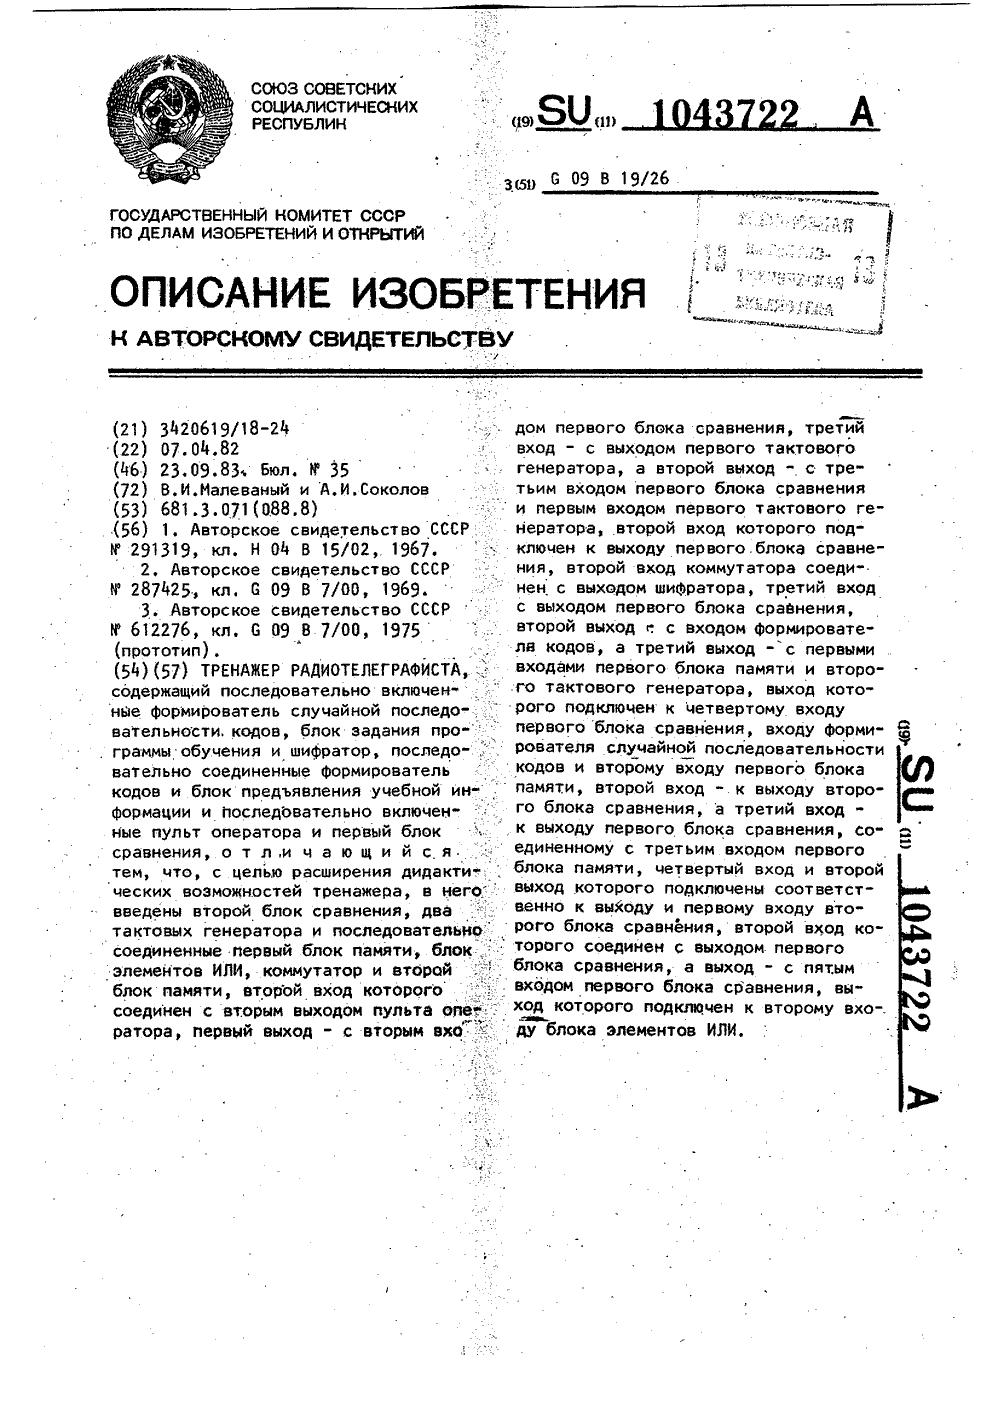 Справочник радиотелеграфиста